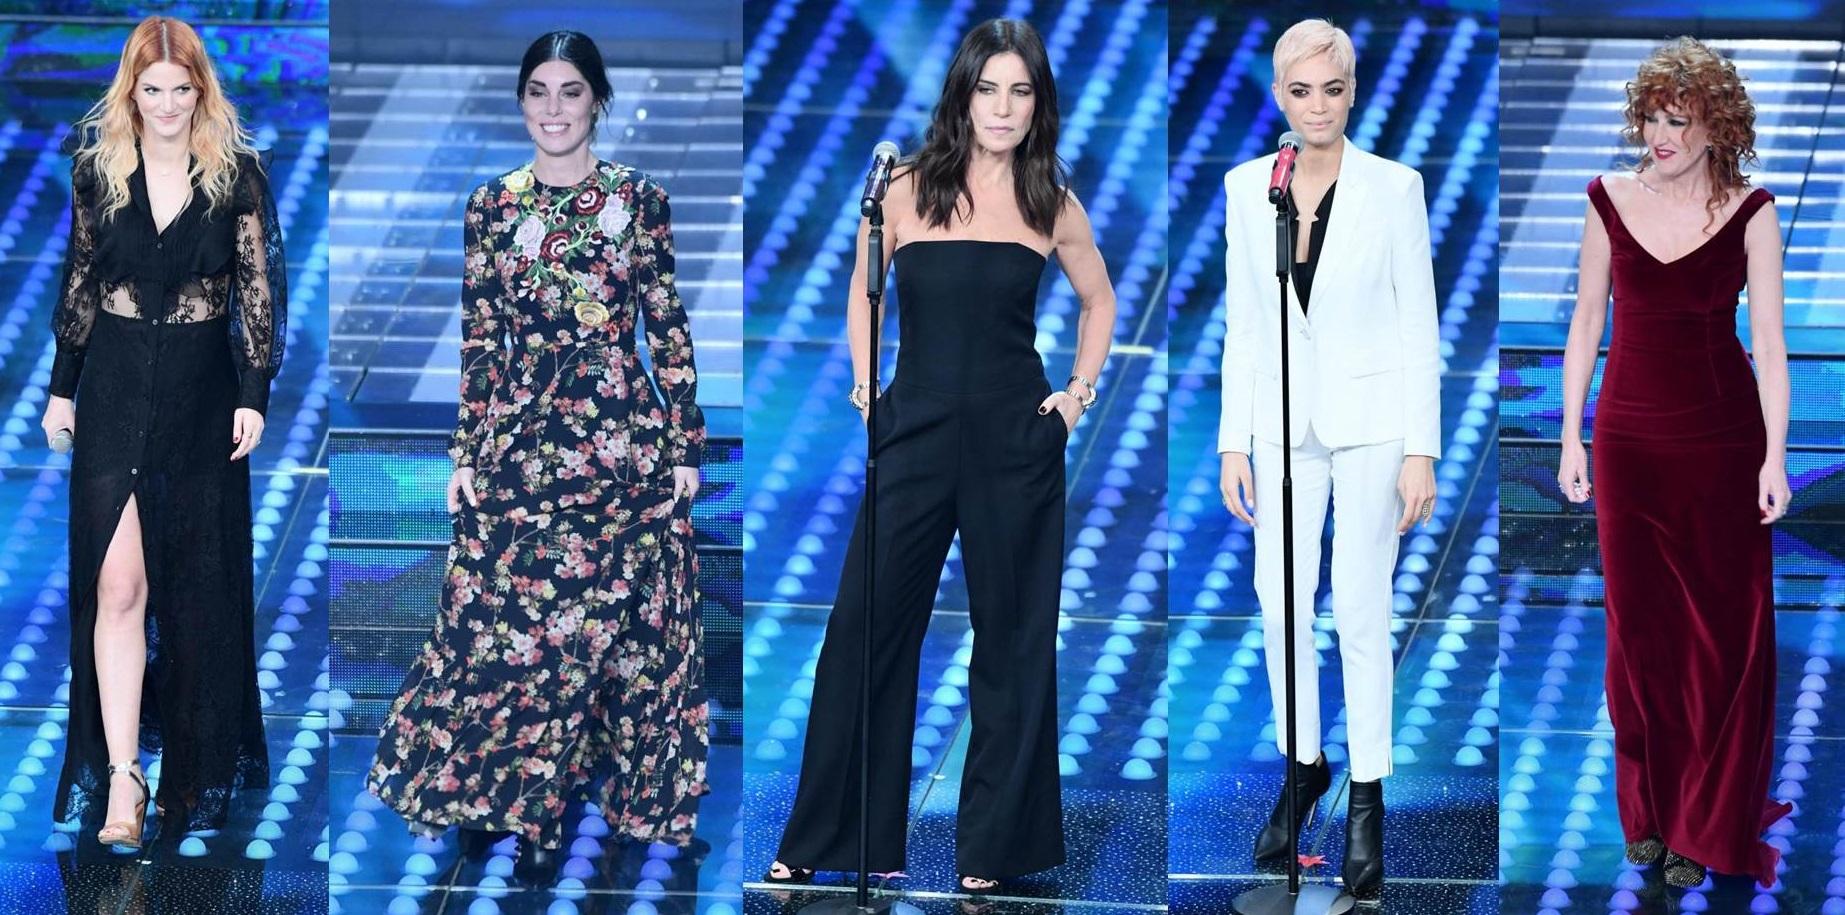 Le cantanti nella finale di Sanremo 2017